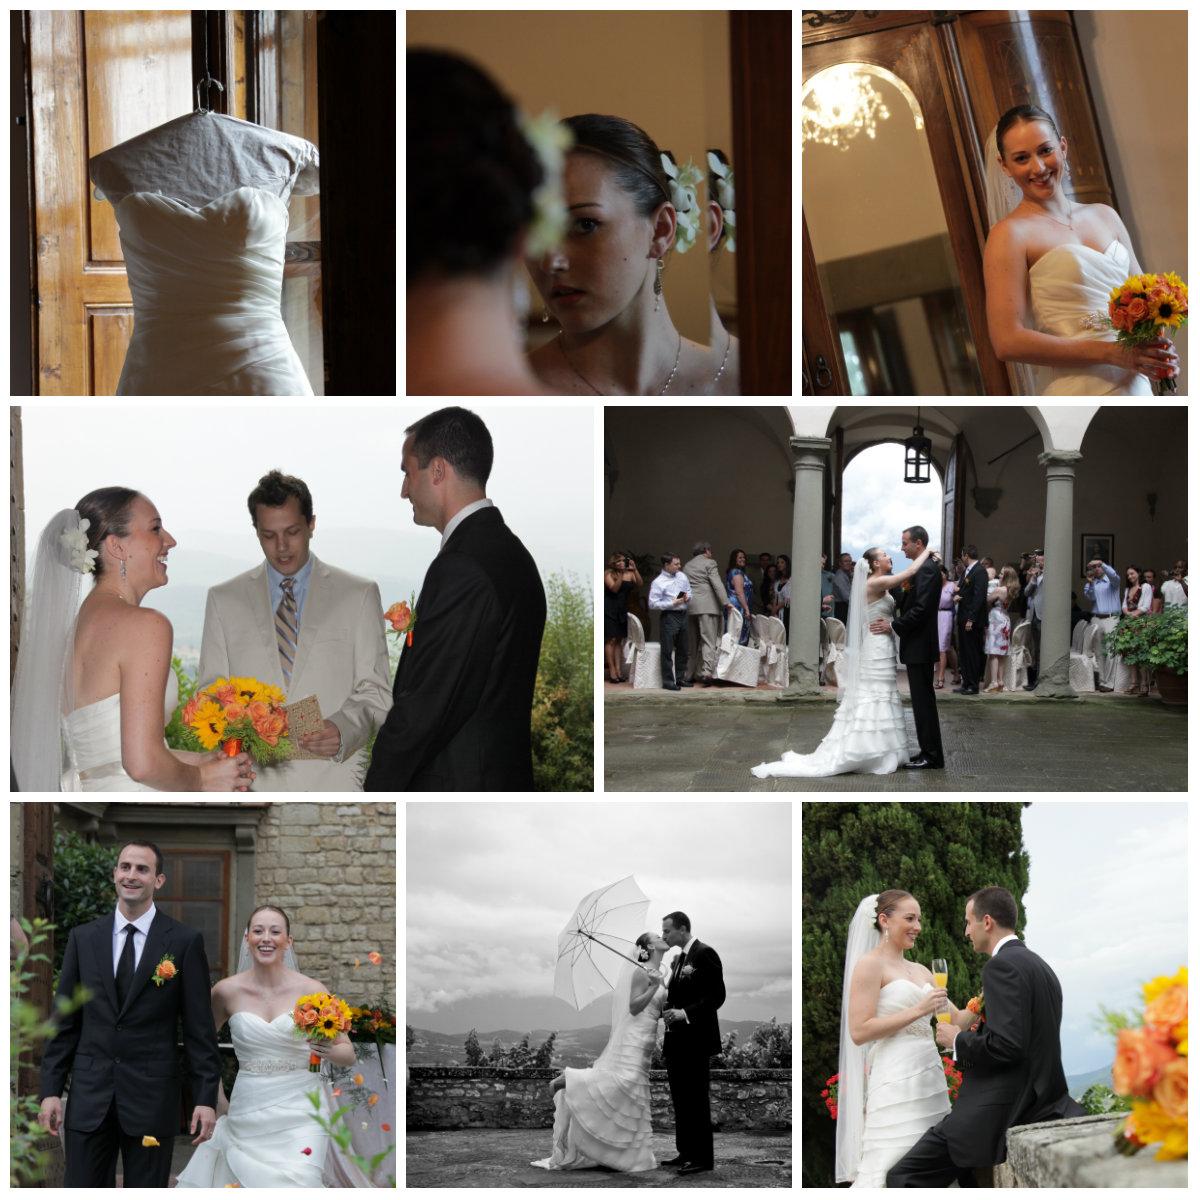 Wedding in chianti castle